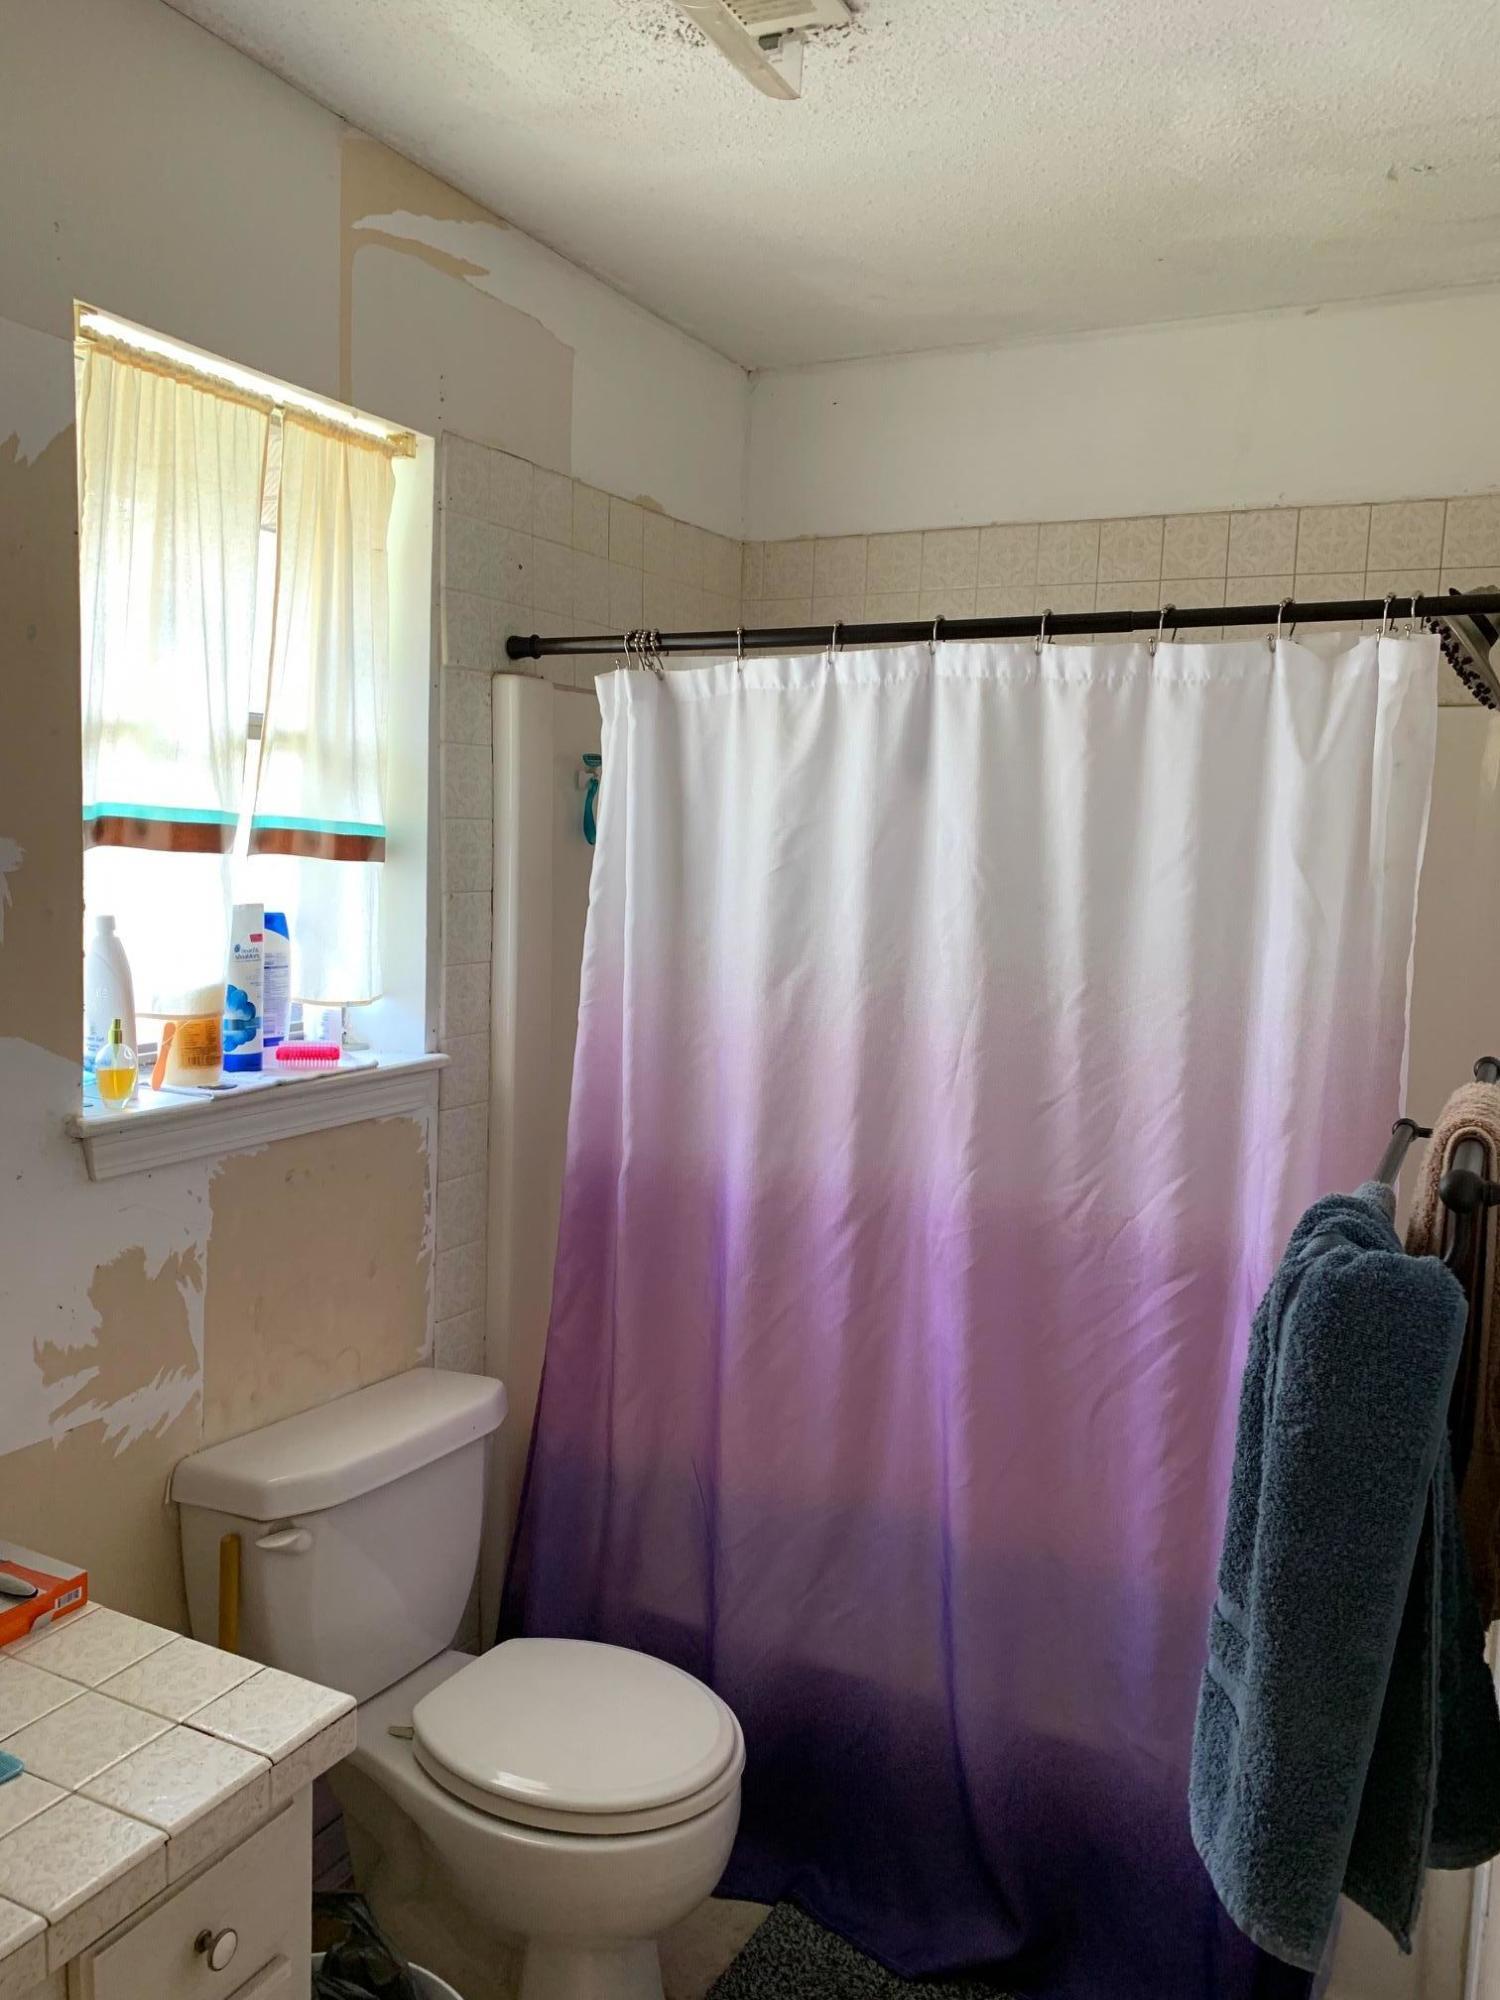 Dorchester Square Homes For Sale - 4344 Great Oak, North Charleston, SC - 4